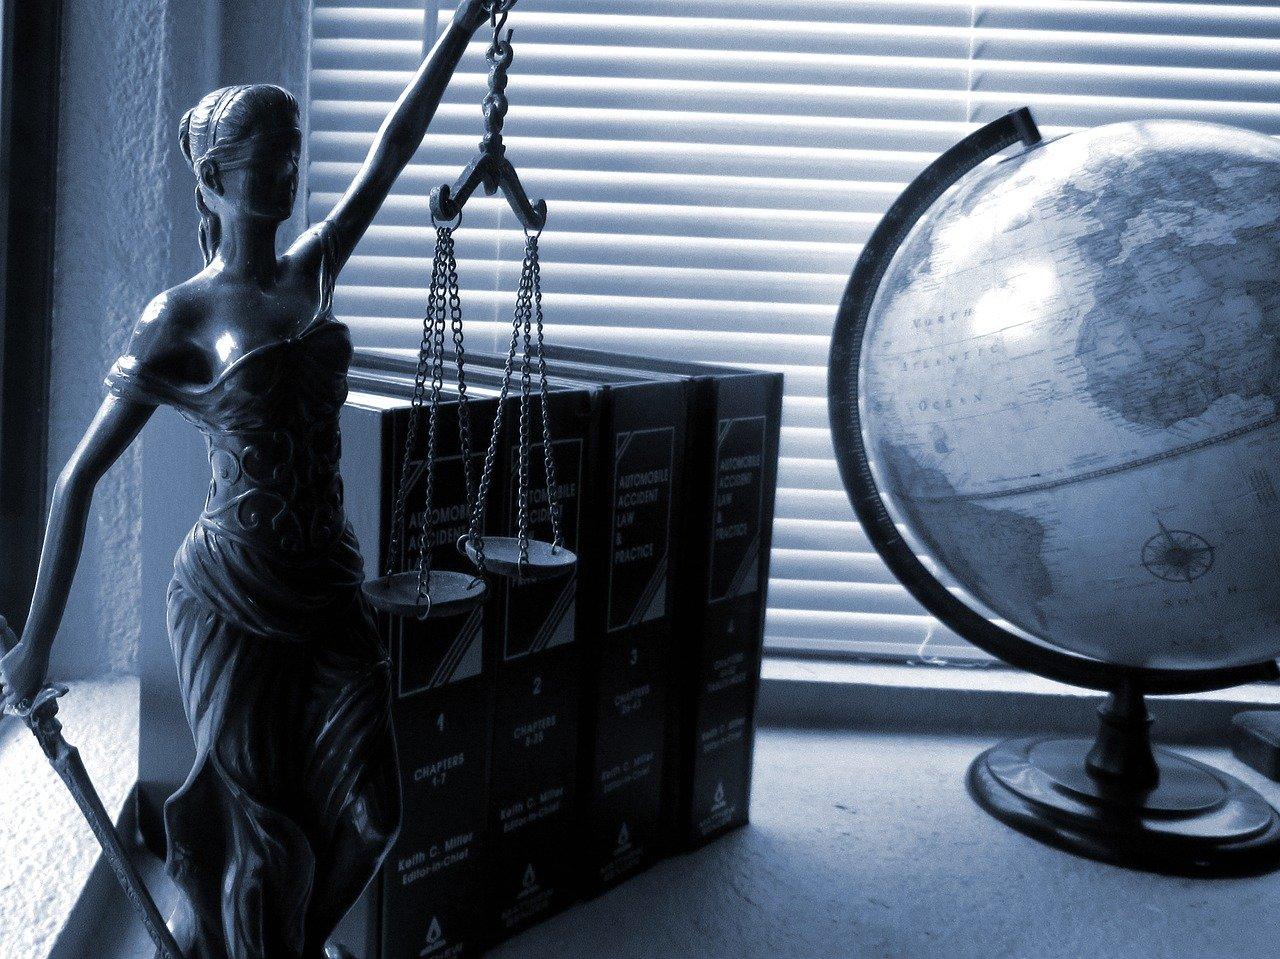 公務員のアフィリエイトをOKとする弁護士さんもいらっしゃるけど…